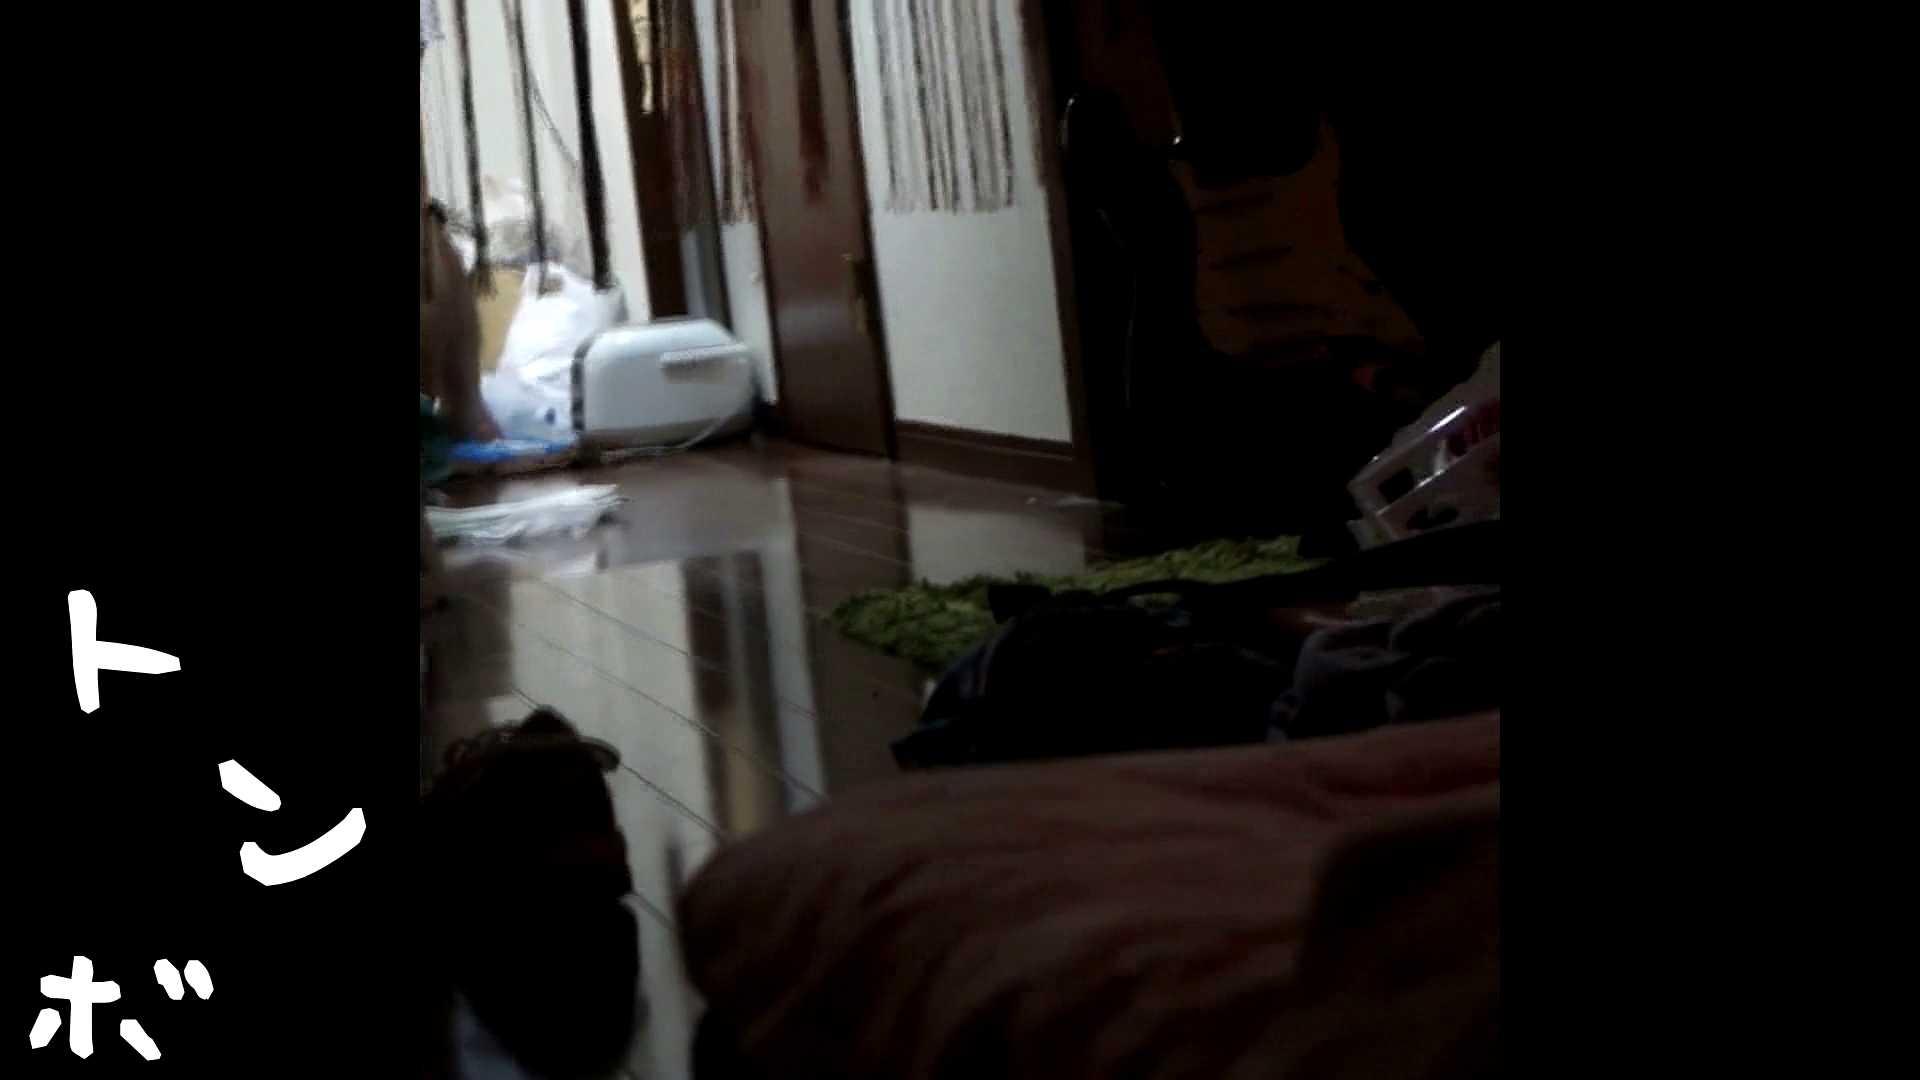 リアル盗撮 むっちりお女市さんの私生活ヌード 高画質 盗撮AV動画キャプチャ 61pic 29